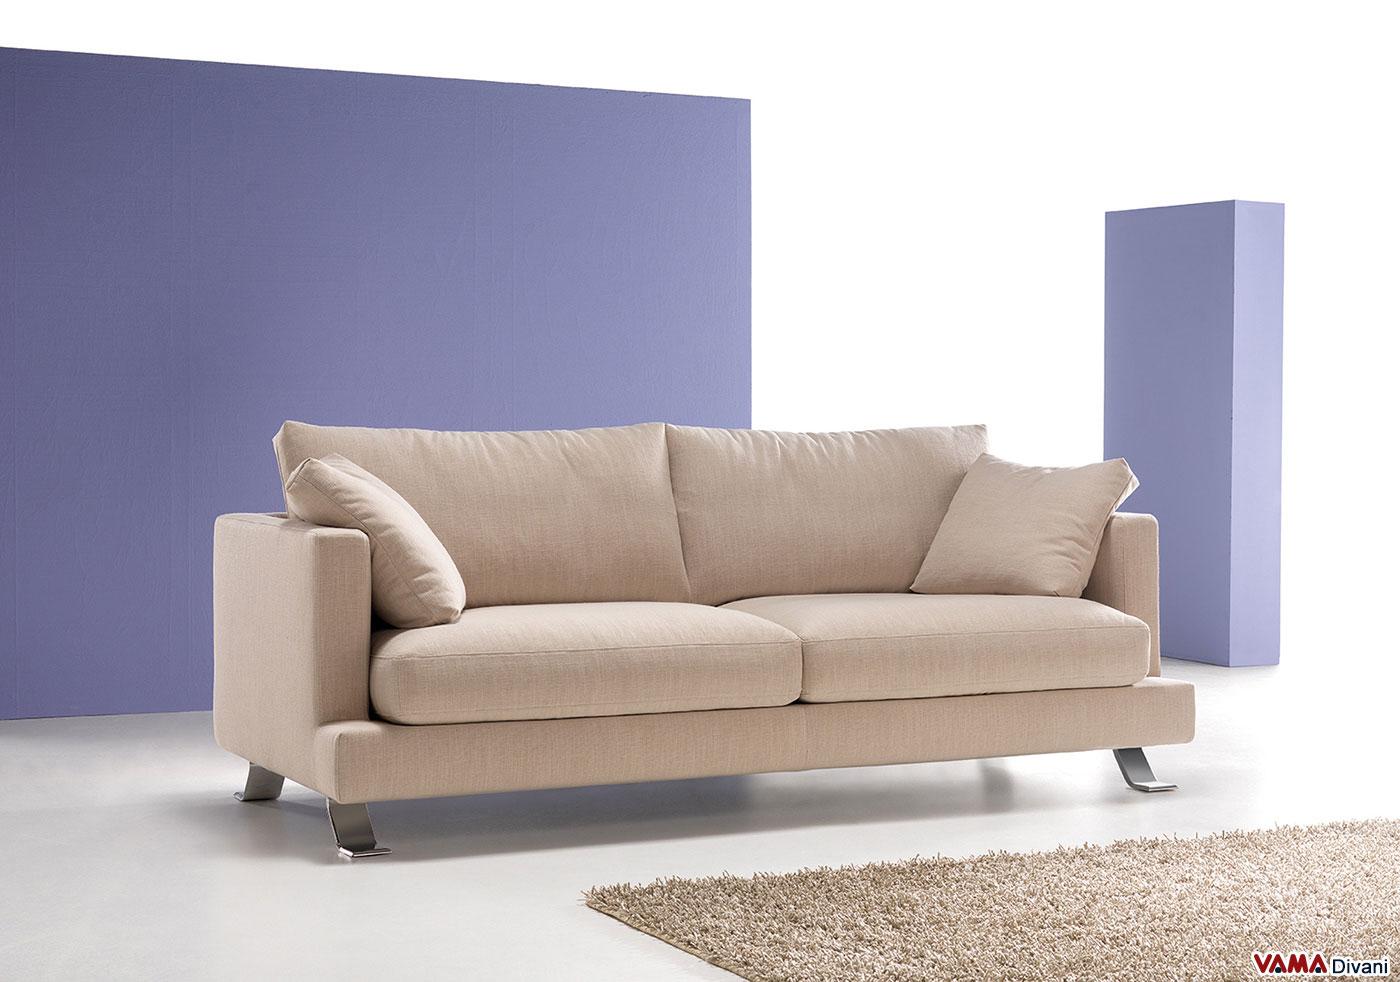 VAMA Divani Blog: Ami i divani squadrati? Scopri il modello Pisa!